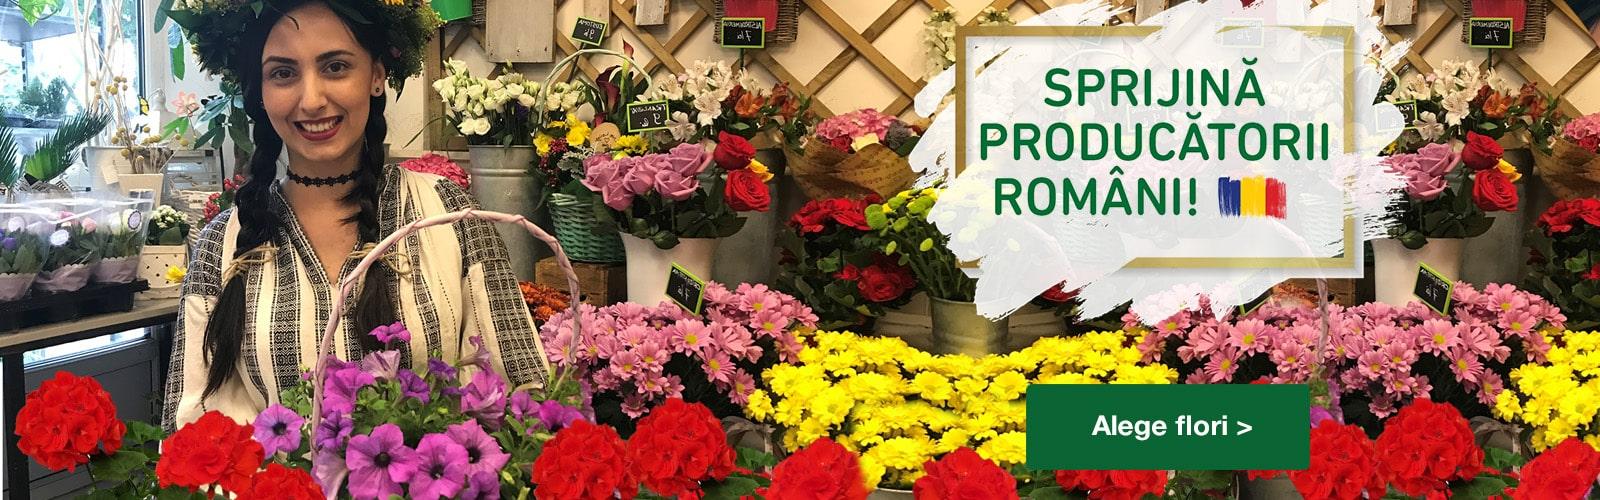 Floraria Trias producatori RO_banner_site_1600x500px